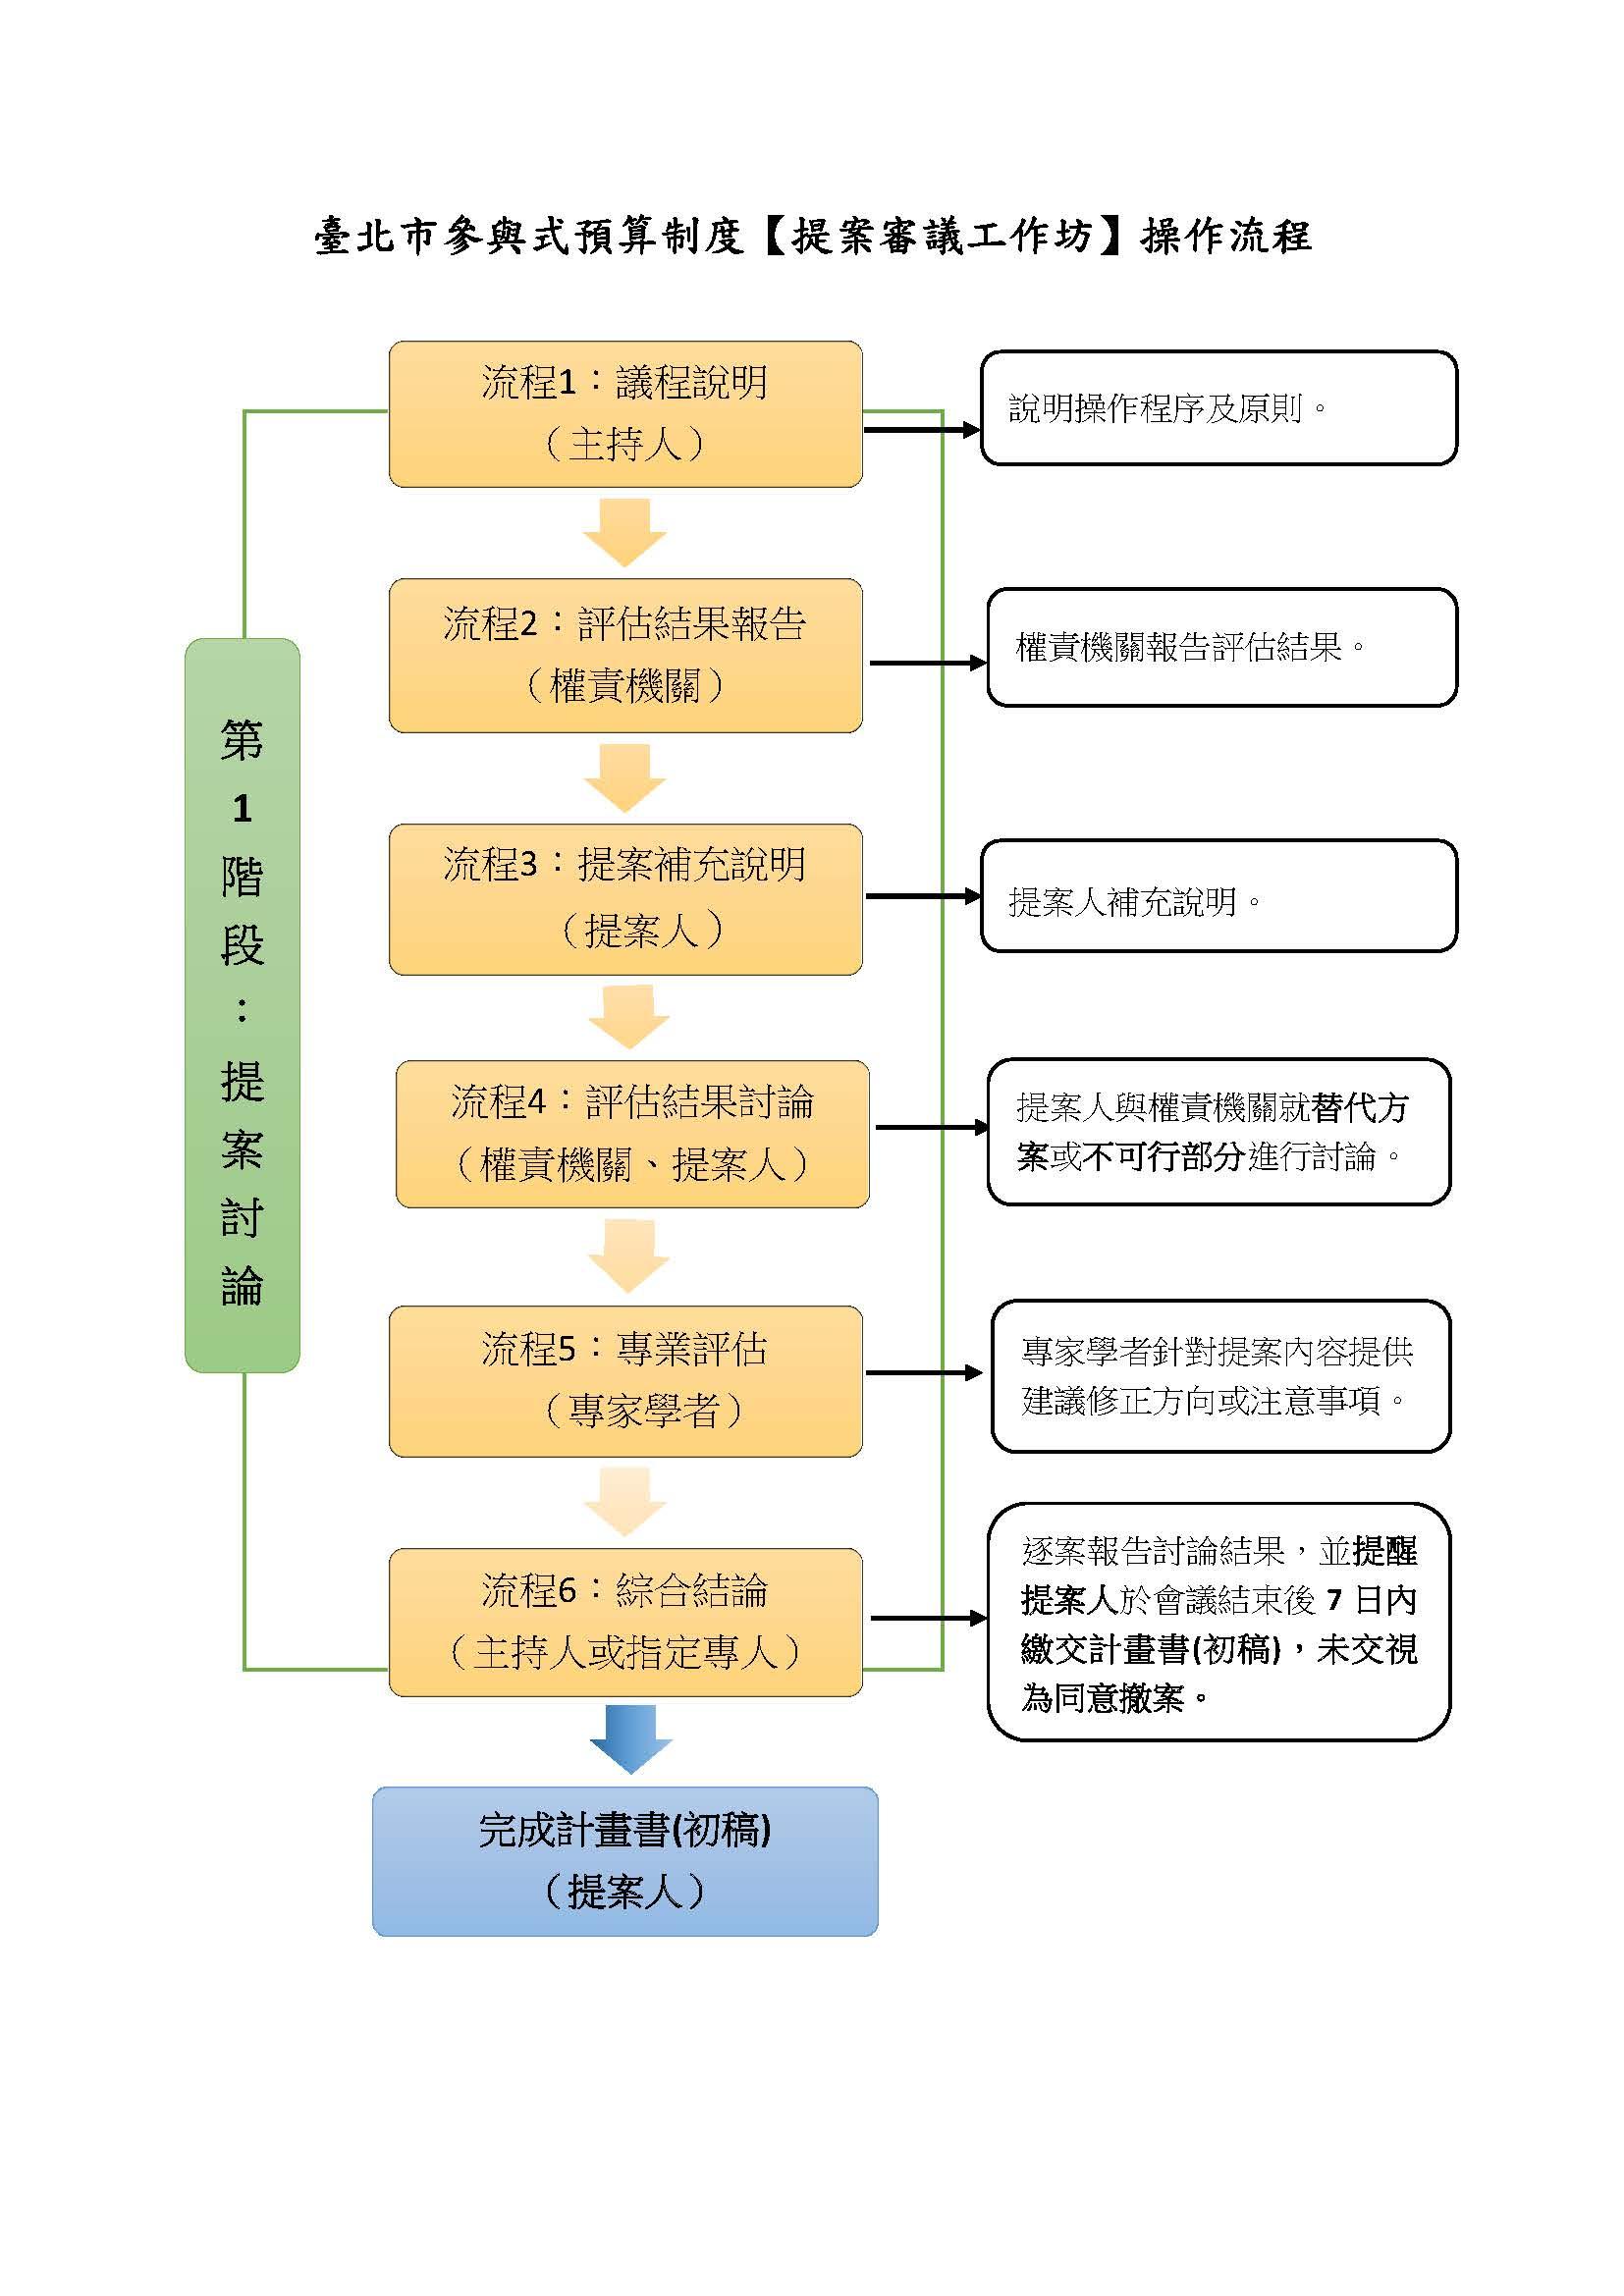 第1階段:提案討論 流程1:議程說明(主持人) 流程2:評估結果報告(權責機關) 流程3:提案補充說明(提案人) 流程4:評估結果討論(權責機關、提案人) 流程5:專業評估(專家學者) 流程6:綜合結論(主持人或指定專人) 完成計畫書(初稿)(提案人)